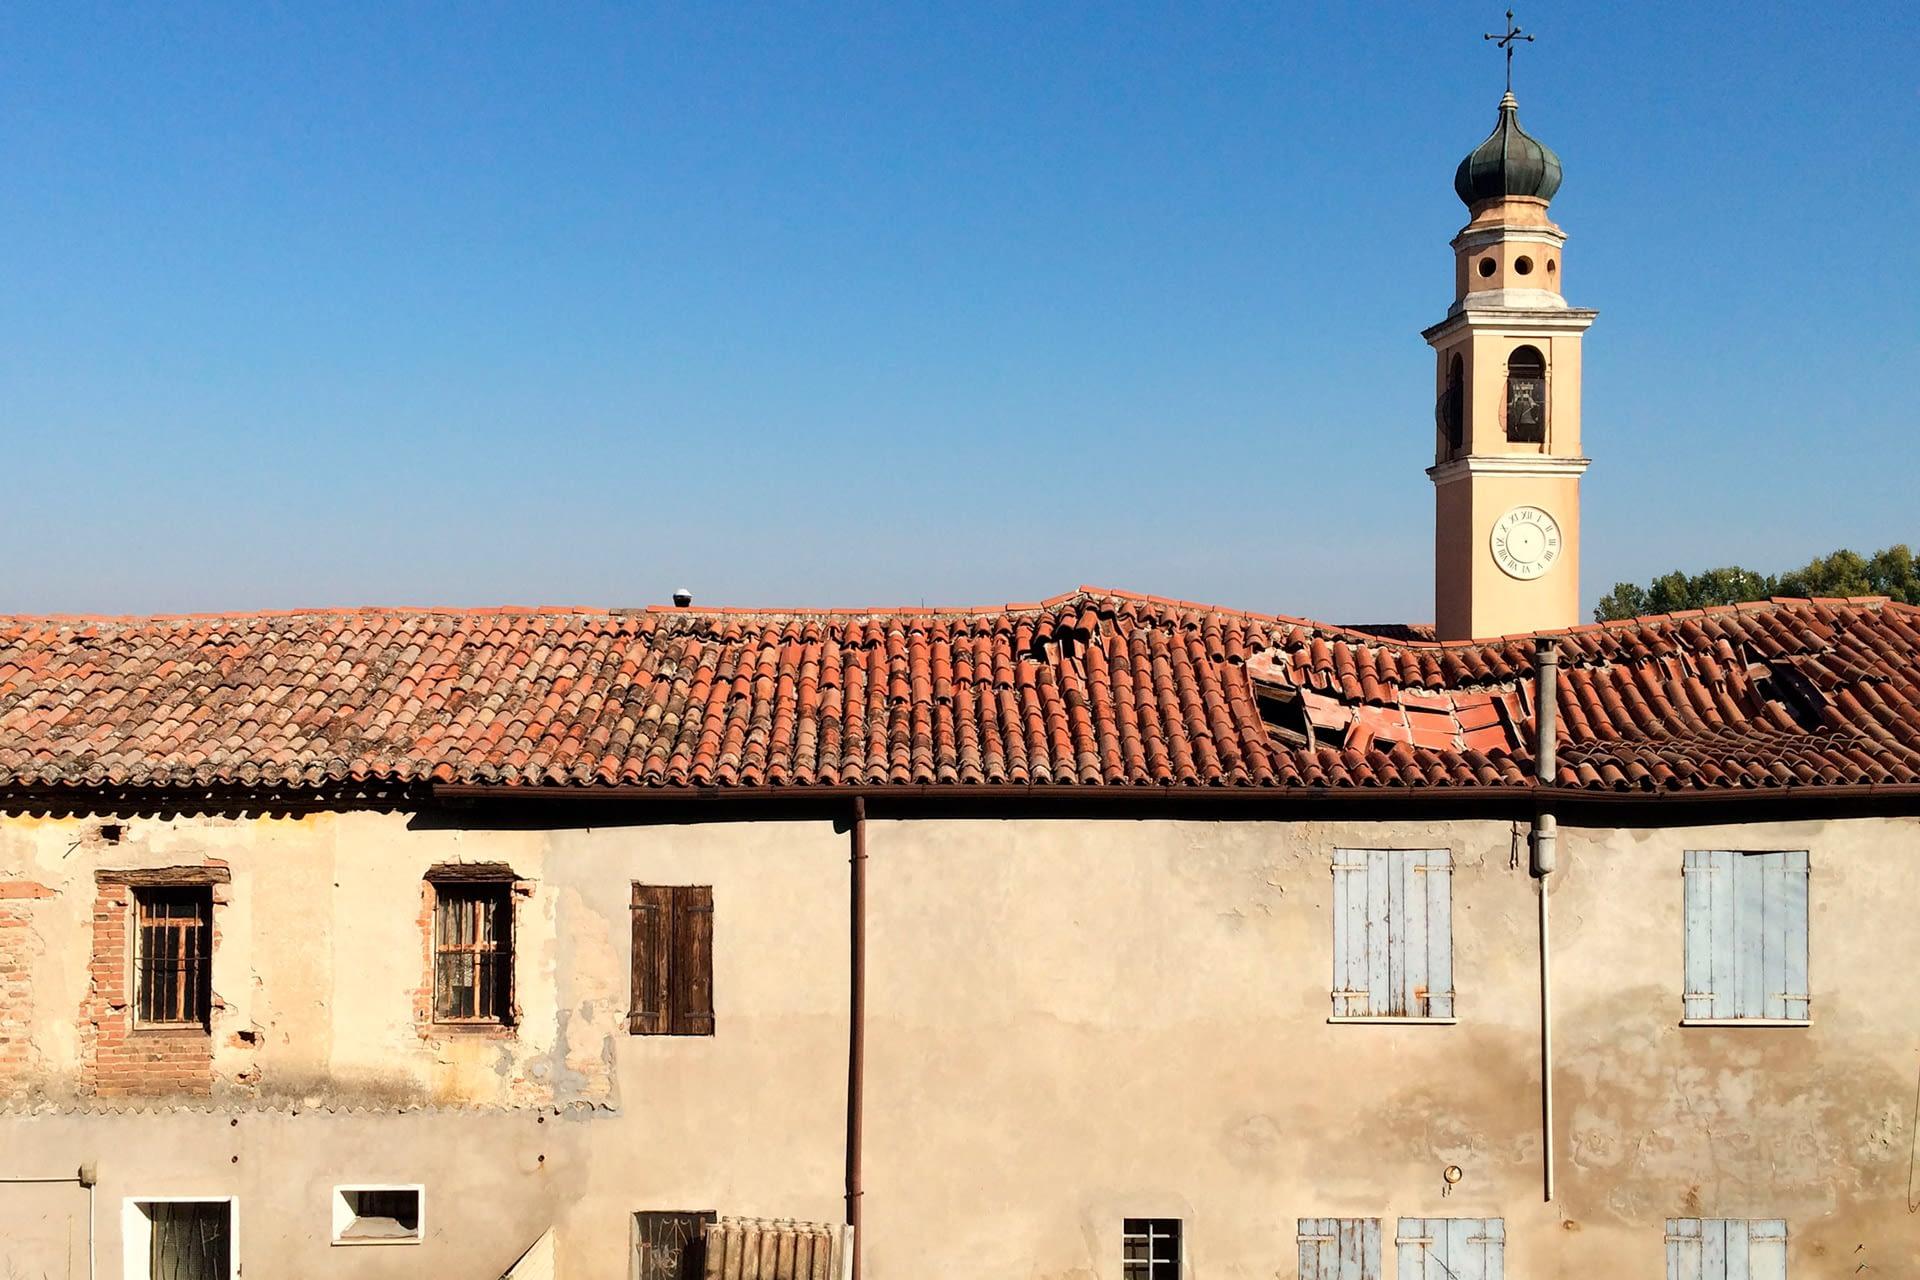 Anguillara Veneta_Casa e campanile della Chiesa a Borgoforte